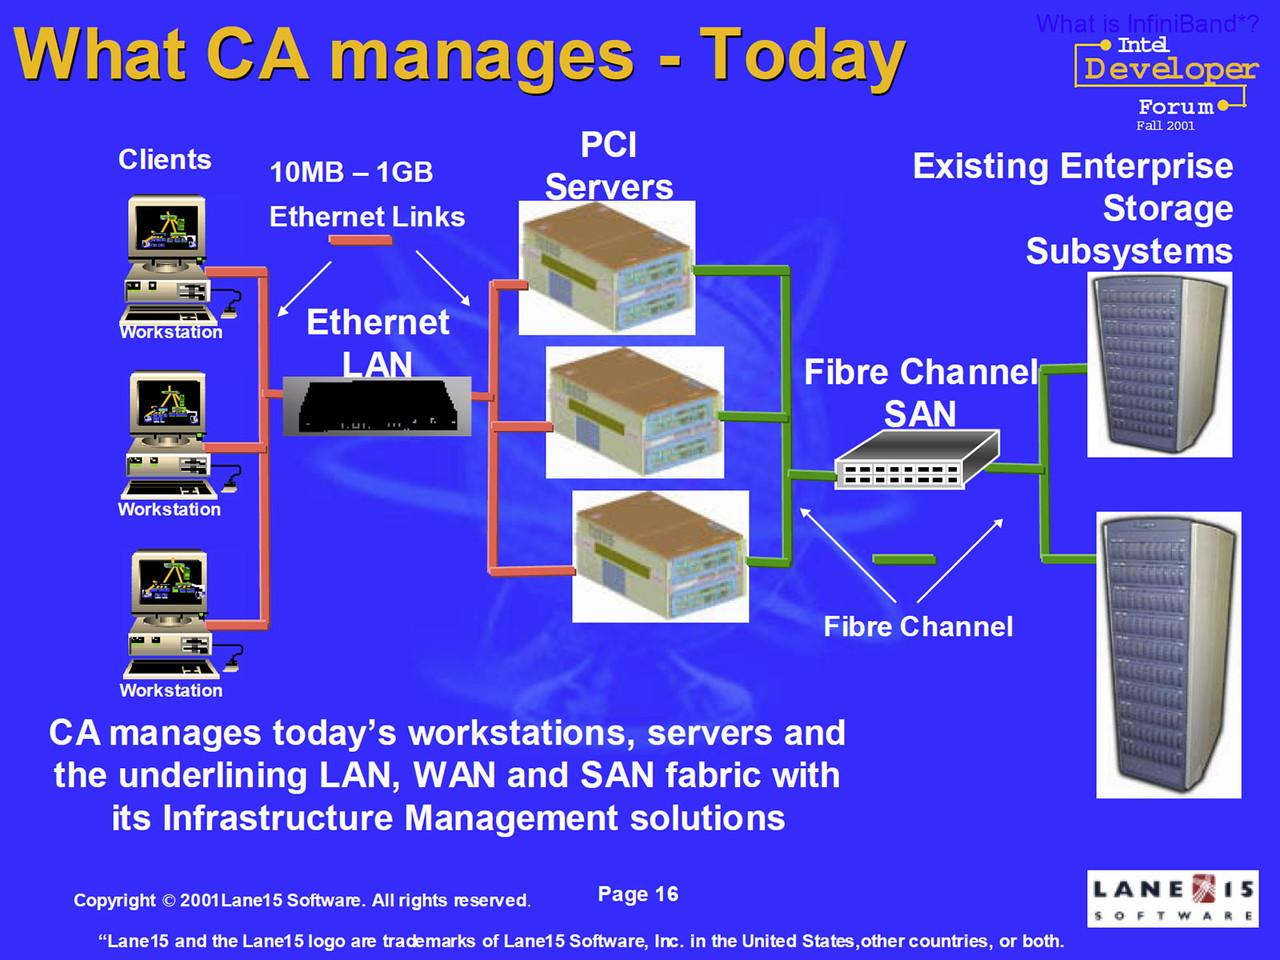 説明を行ったEstrada氏の所属するCAは、サーバーの管理ソフトウェアを提供するベンダーであった。これとは別に、同じセッションでLane15 Software CTOのBill Leddy氏による説明も行われた関係で、右下には「Lane 15」のロゴが入っている